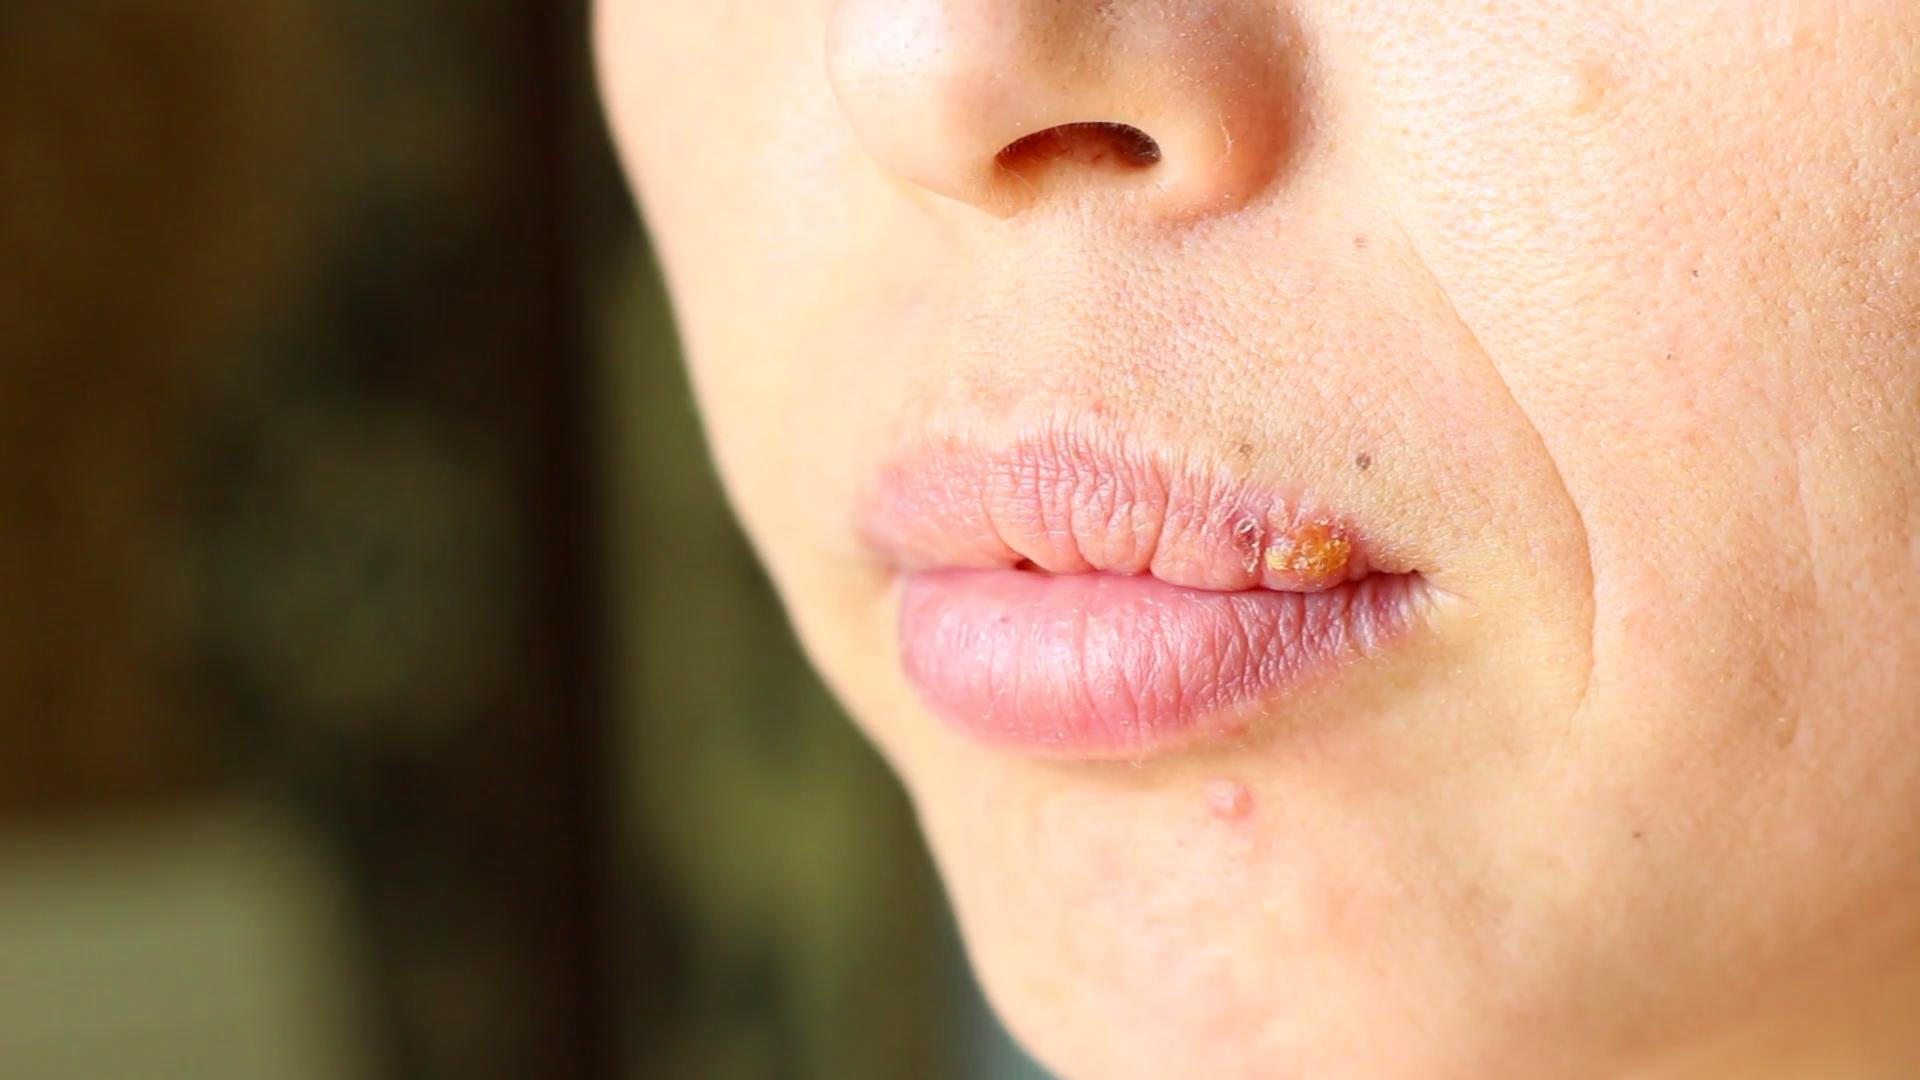 Как лечить язву на внутренней стороне губы